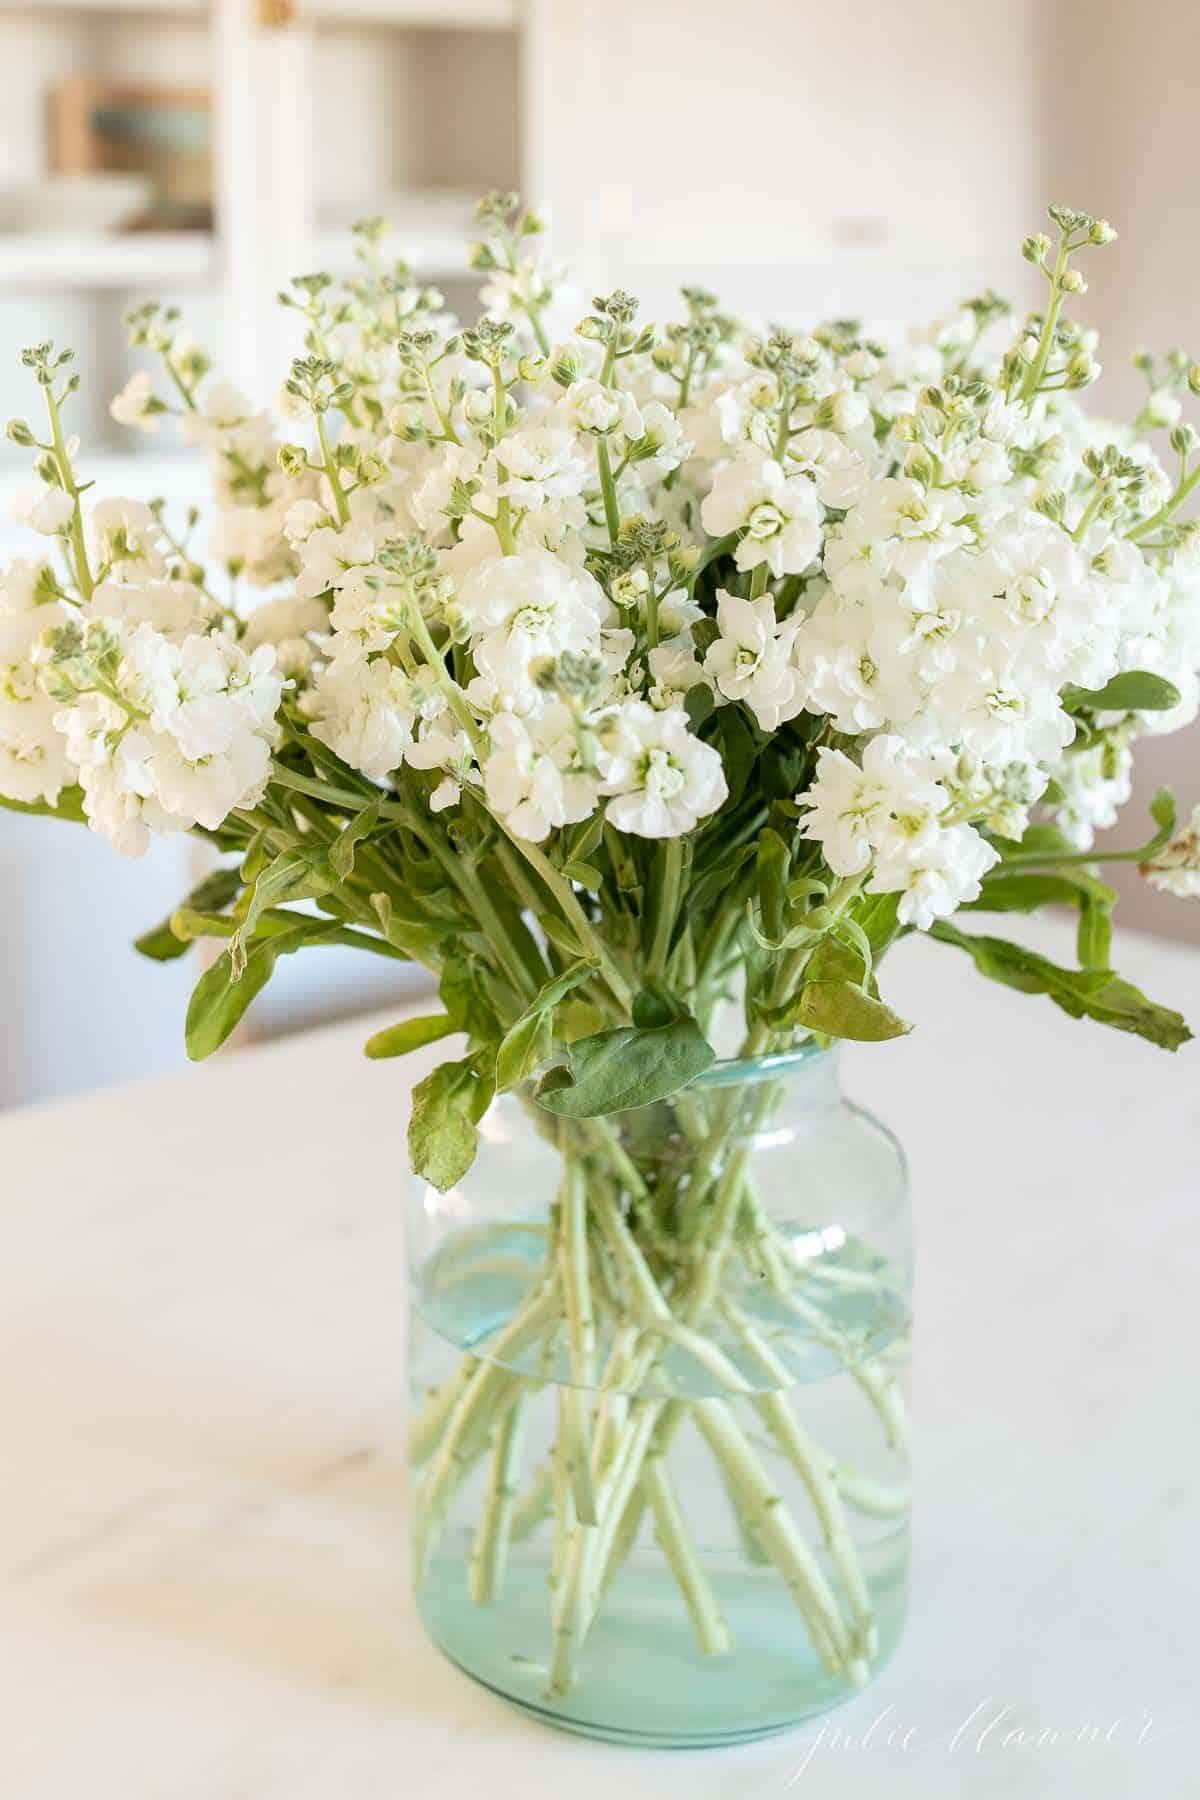 Um arranjo de flores brancas em um vaso de vidro transparente sobre uma superfície de mármore.